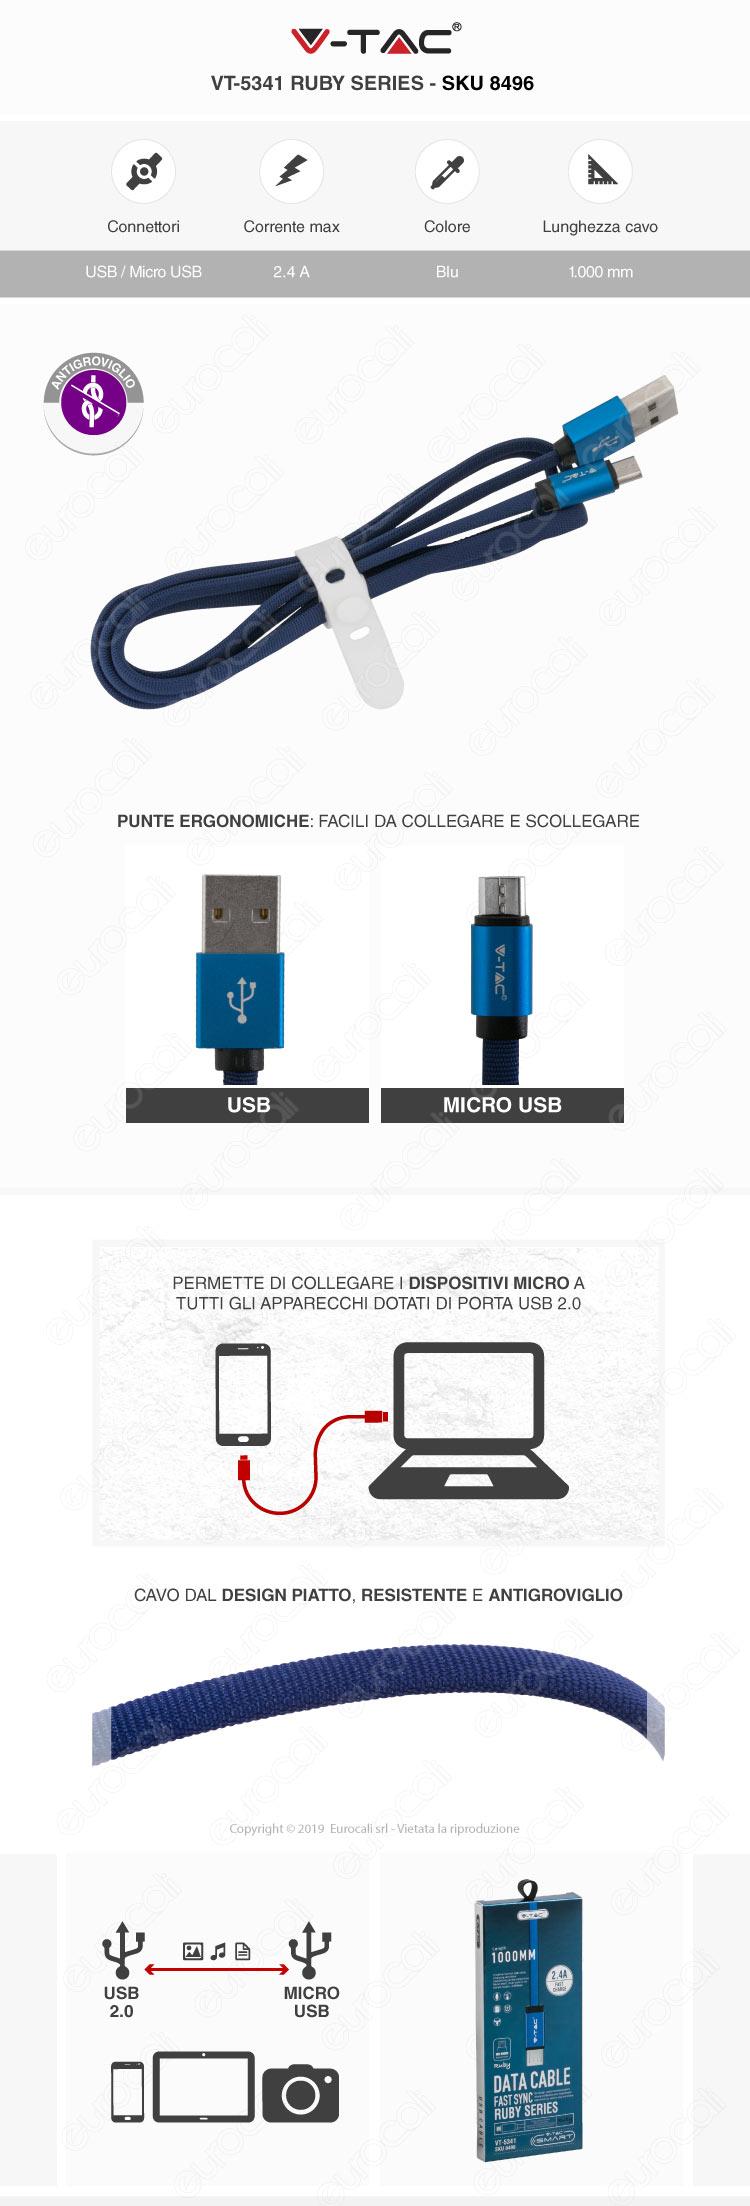 V-Tac VT-5331 platinum series USB Data Cable micro usb Cavo in corda Colore Oro 1m